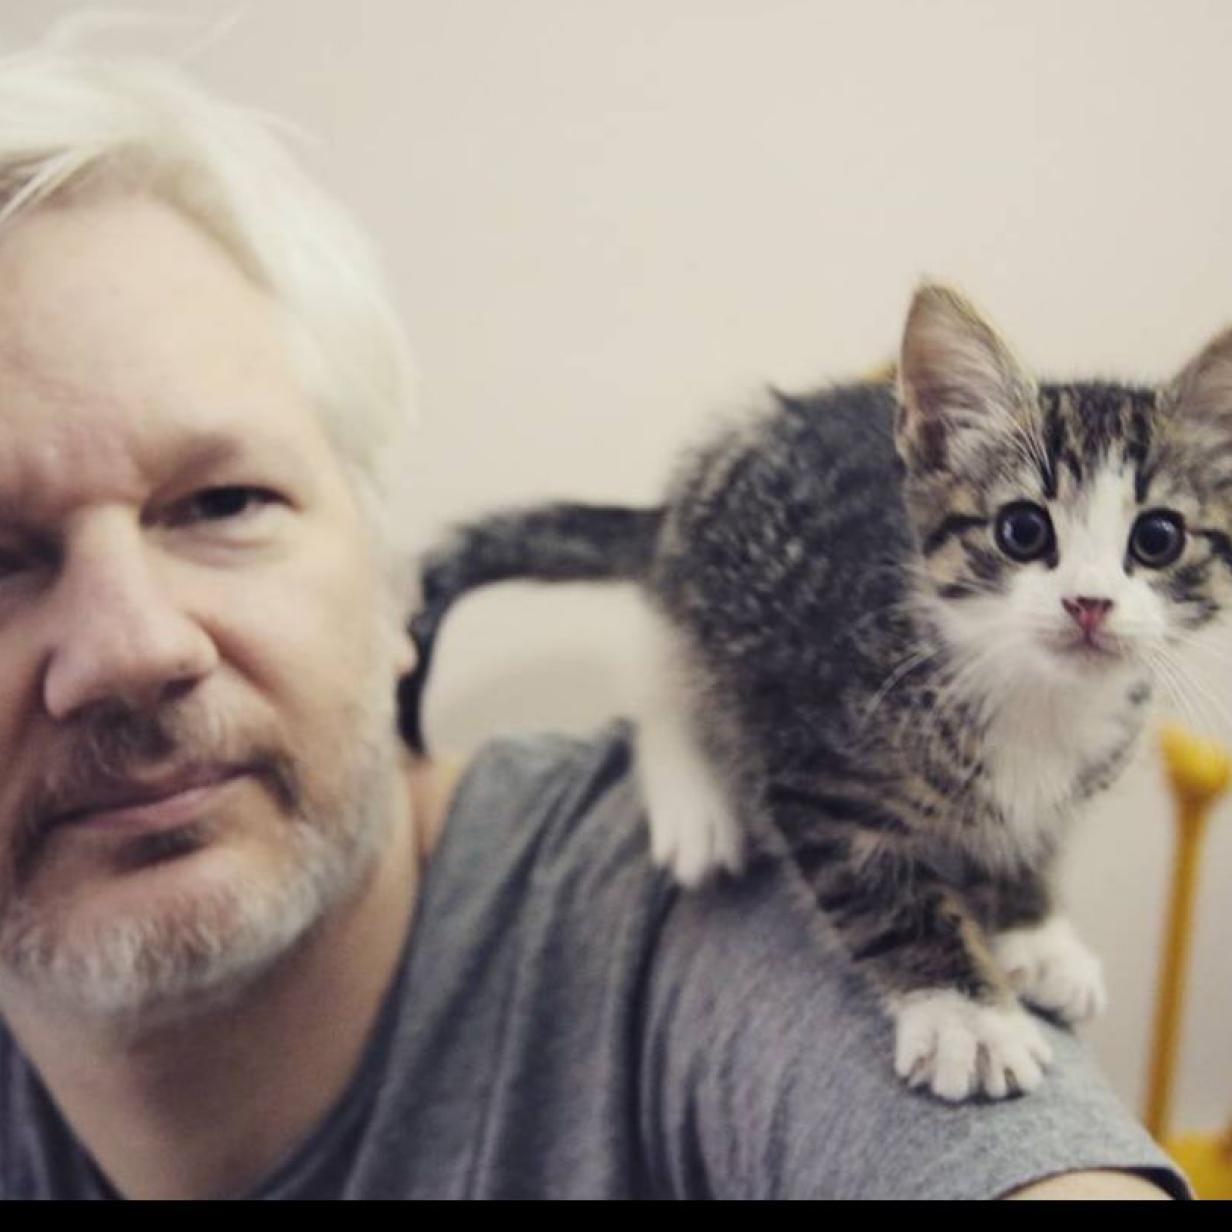 Embassy Cat: Katze von Asssange ist in Sicherheit